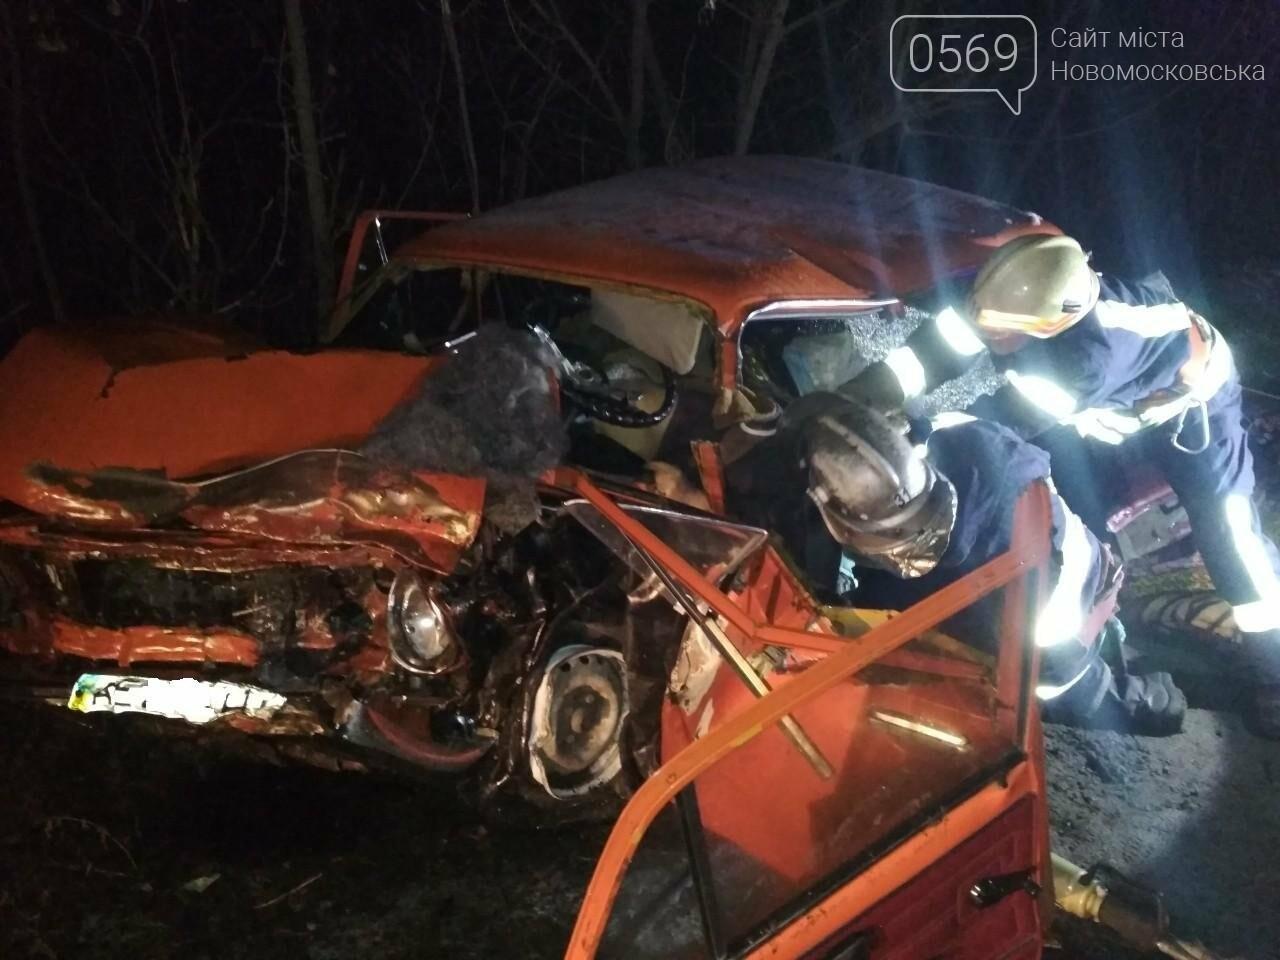 В Новомосковську сталося ДТП: 1 людина загинула, троє постраждали, фото-2